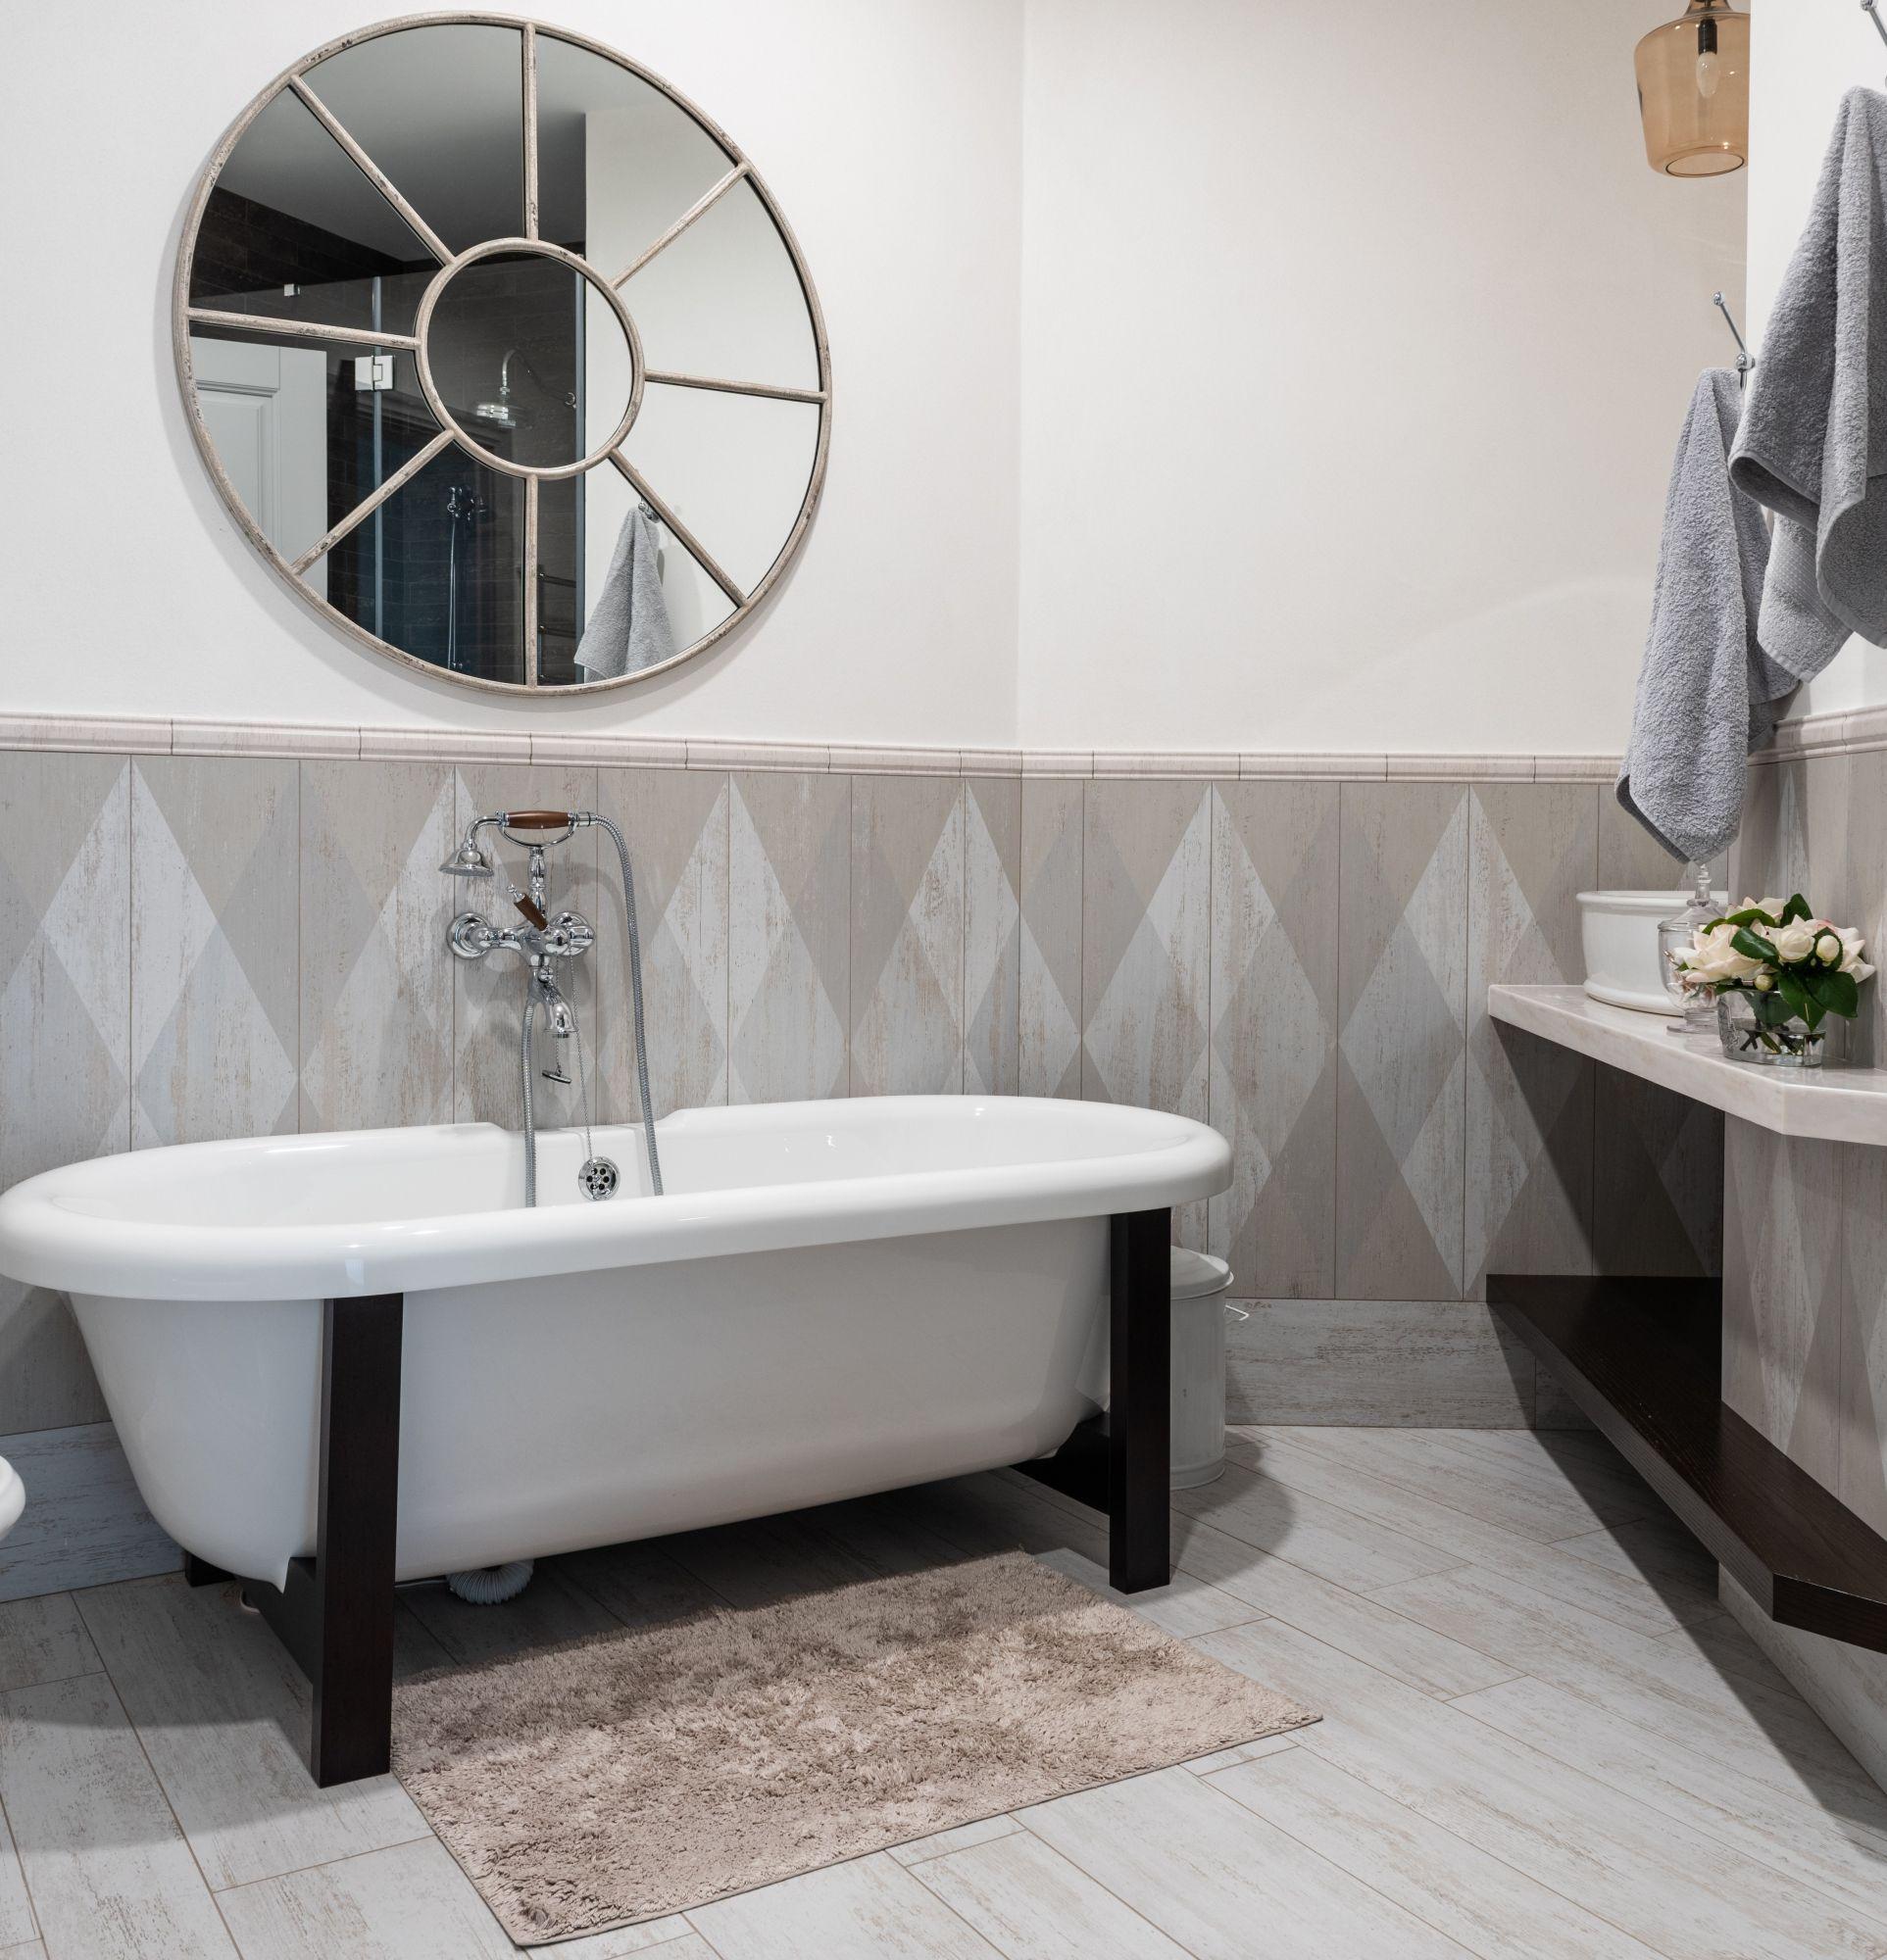 Arredo bagno: tappeto caldo e antiscivolo